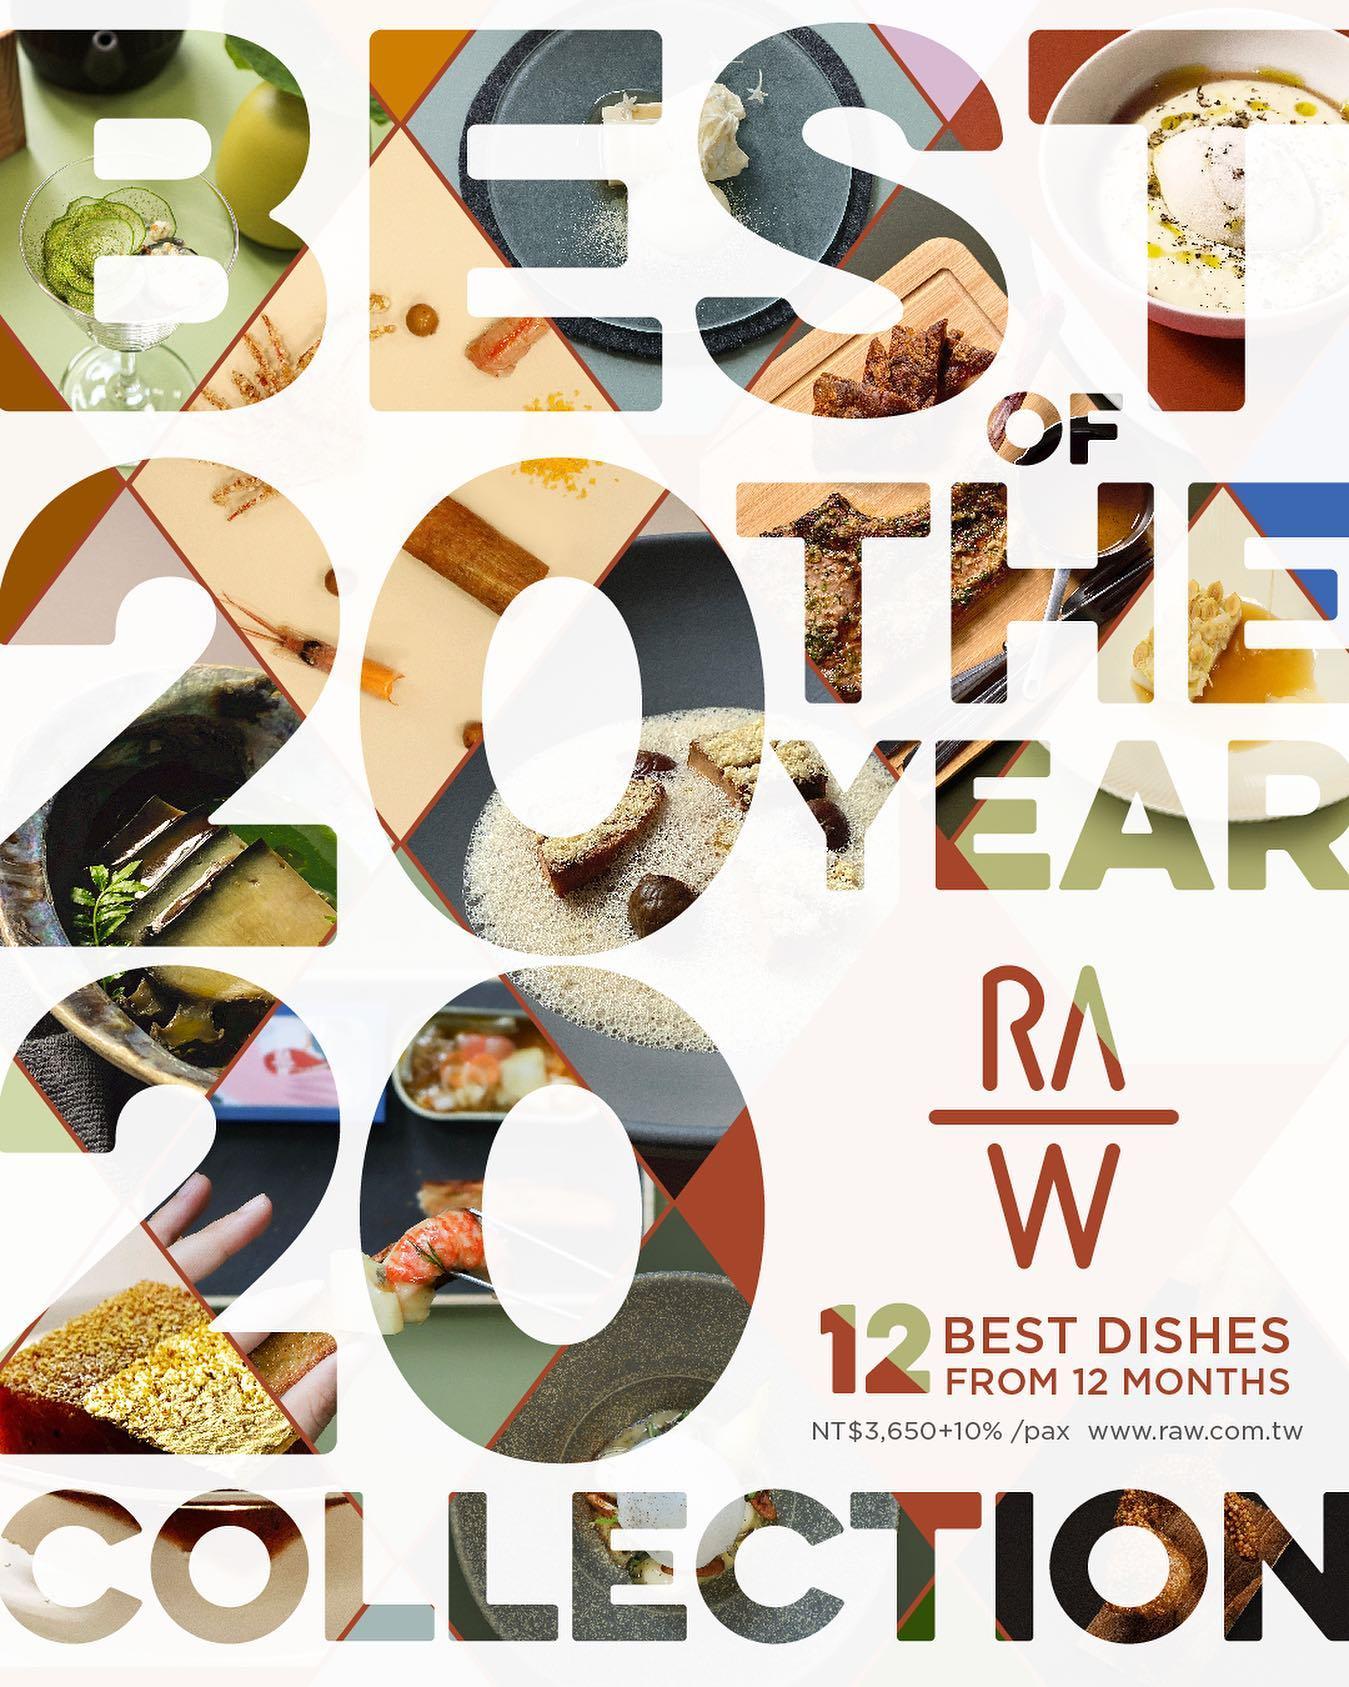 即時熱門文章:RAW2021年度精選菜單,台灣最難訂位餐廳?連香味都究極|2020米其林2星台灣最細緻的餐廳